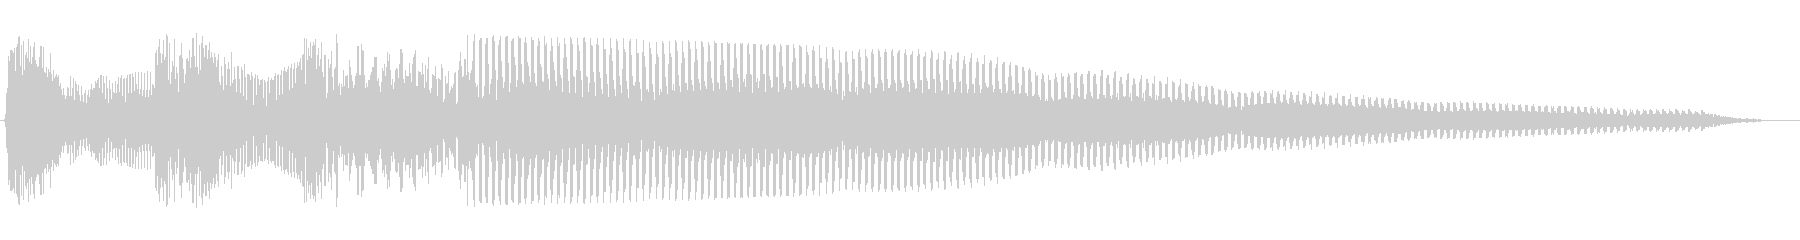 ピンポンパンポン(お知らせ)の未再生の波形